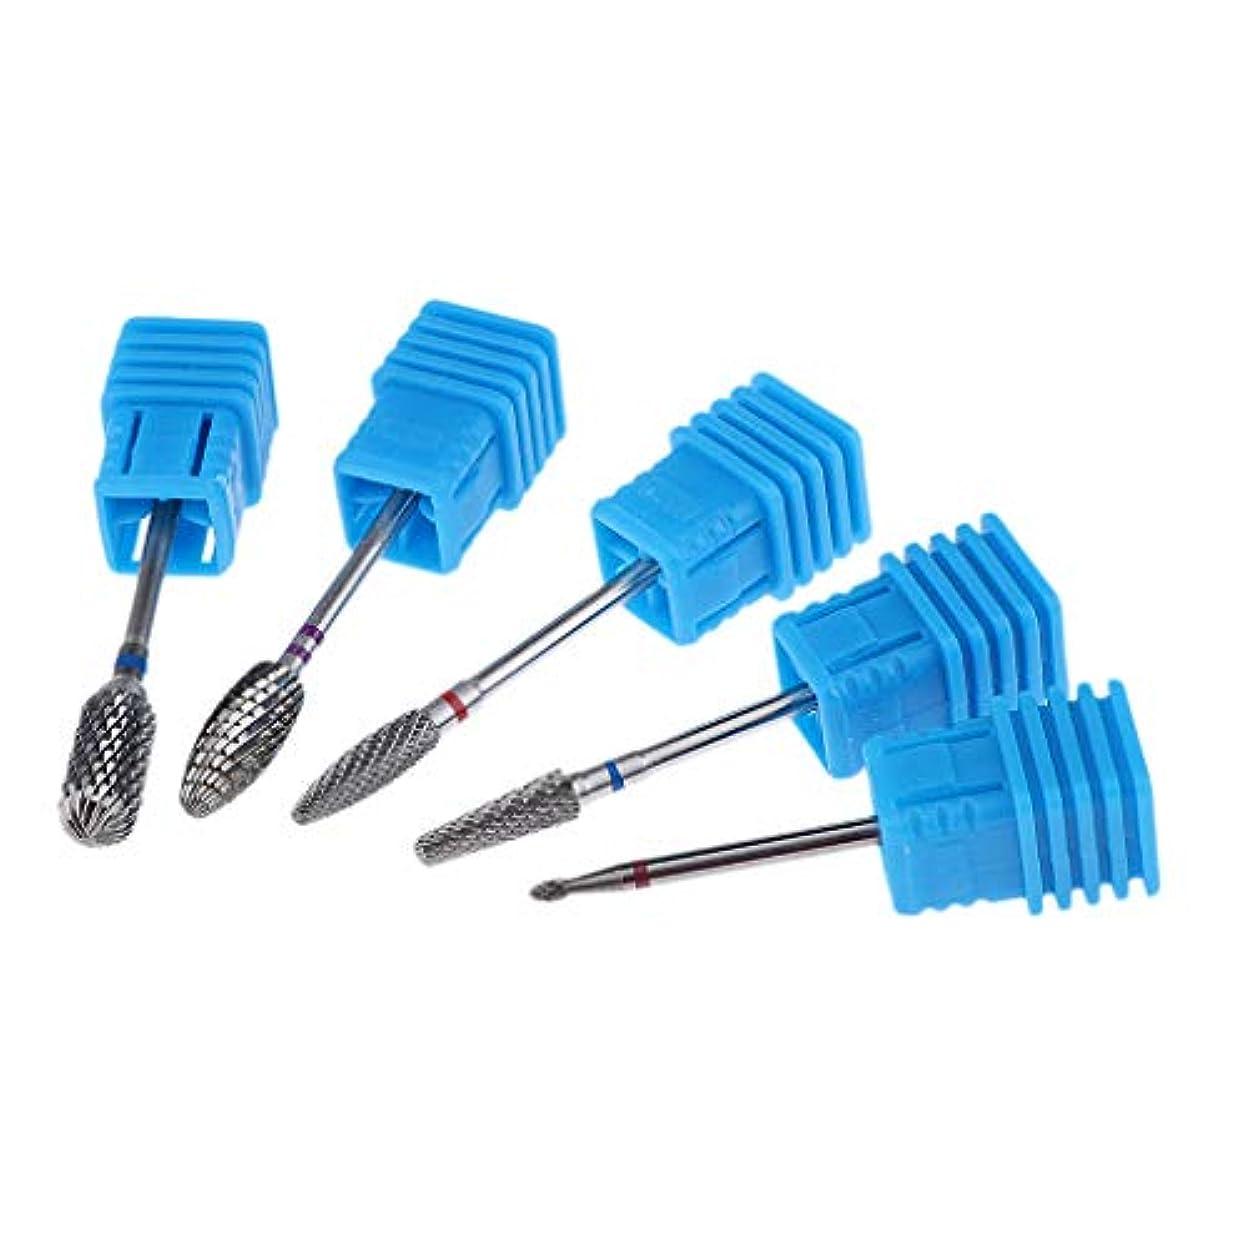 5倍ネイルドリルビットセットバレルヘッド電動ドリルビット粗研削工具